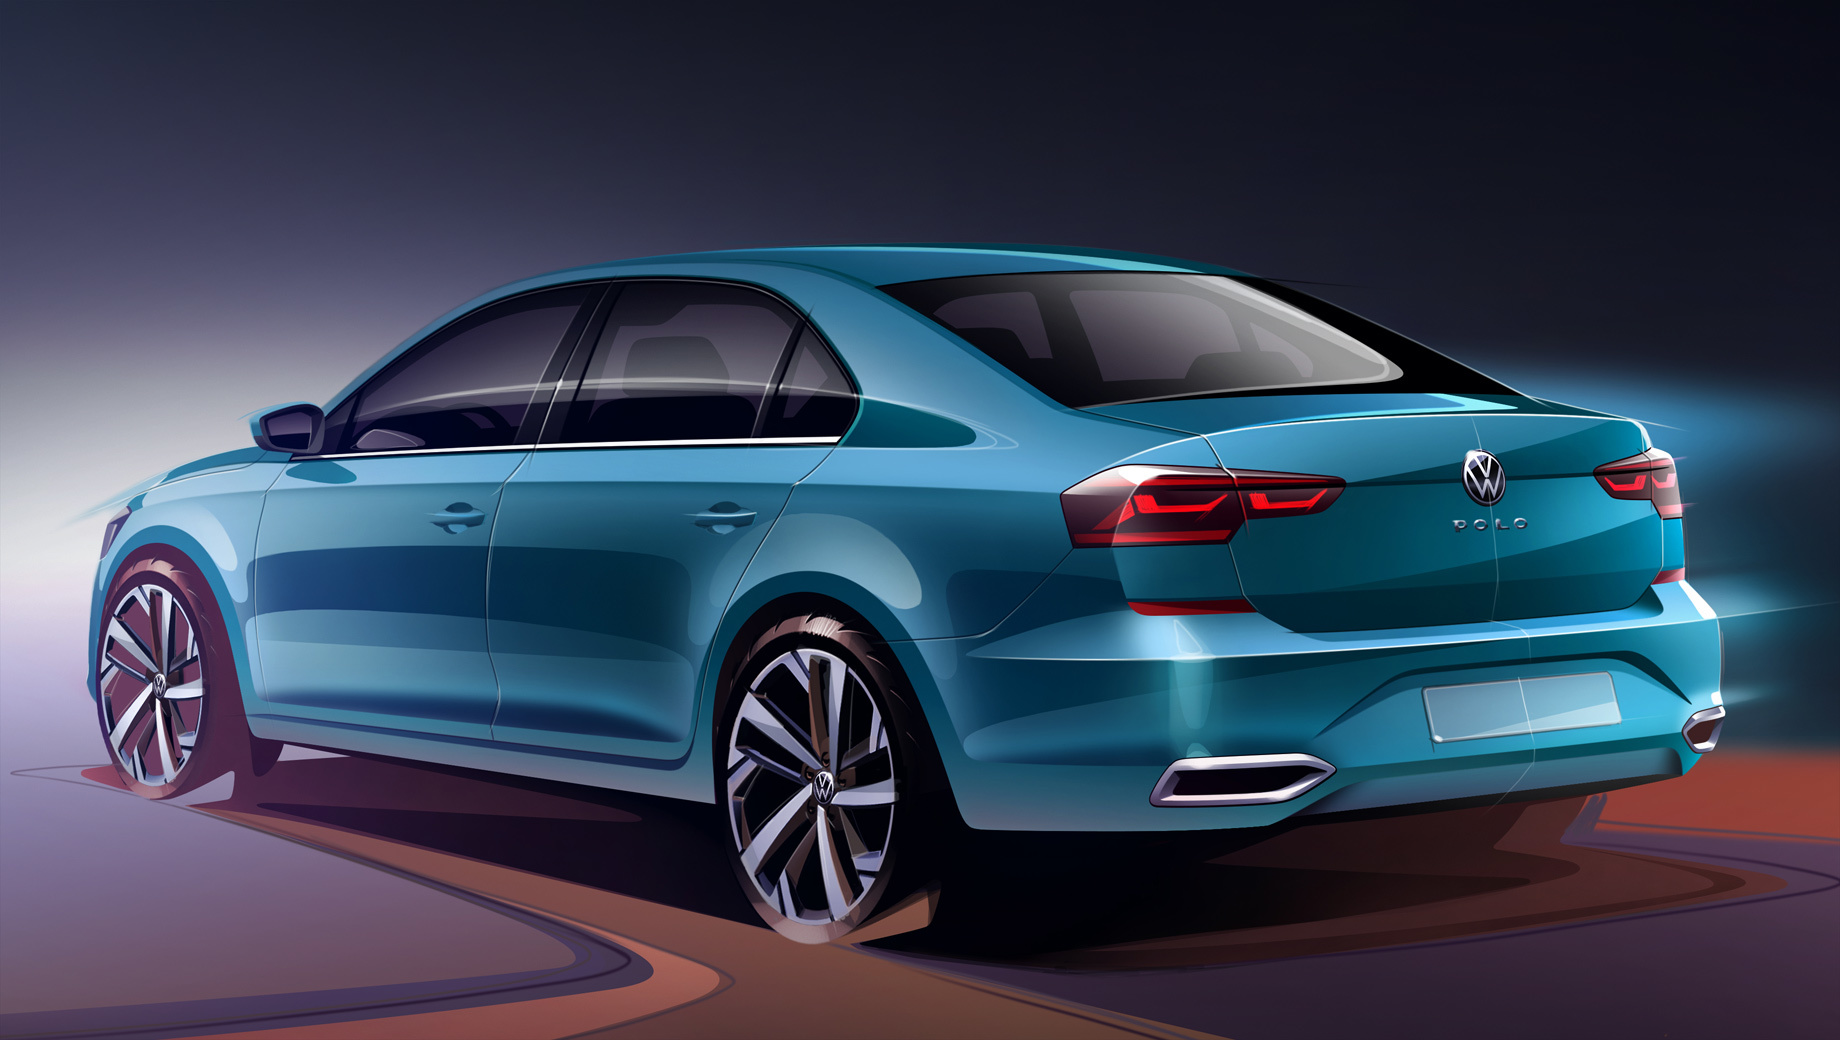 Volkswagen polo. Изменений в гамме силовых агрегатов не будет. Останутся локализованные в Калуге моторы 1.6 мощностью 90 л.с. либо 110. Во втором случае помимо пятиступенчатой «механики» будет доступен шестиступенчатый «автомат». Импортный наддувный 1.4 TSi пойдёт в связке с DSG.